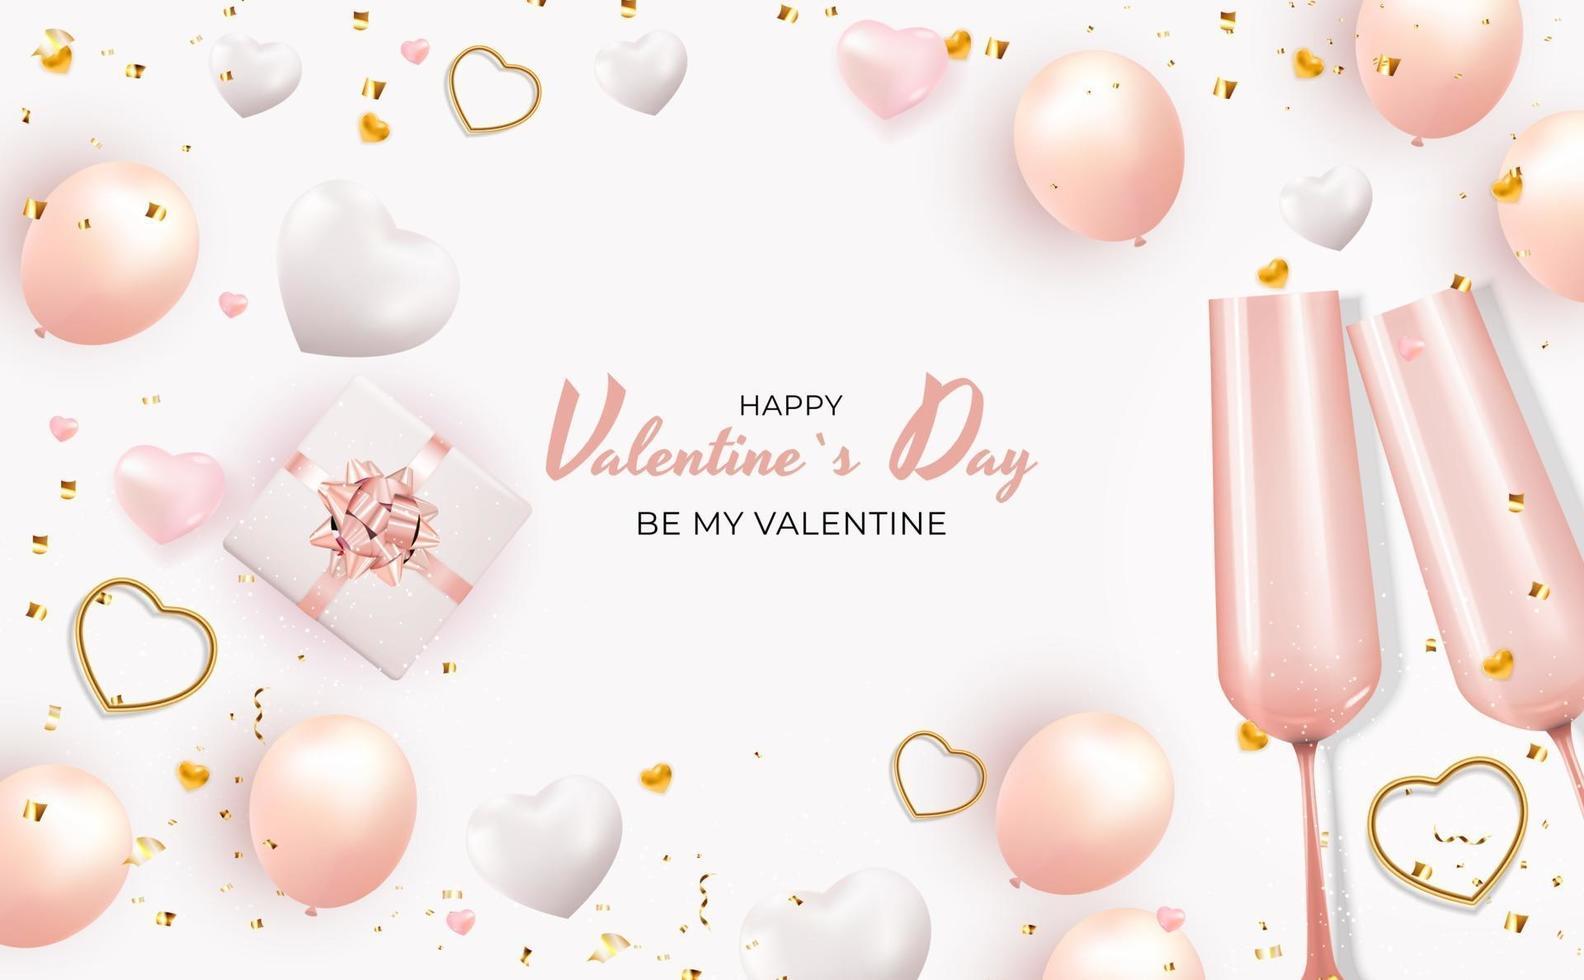 carta regalo vacanza di San Valentino con testo su sfondo bianco vettore